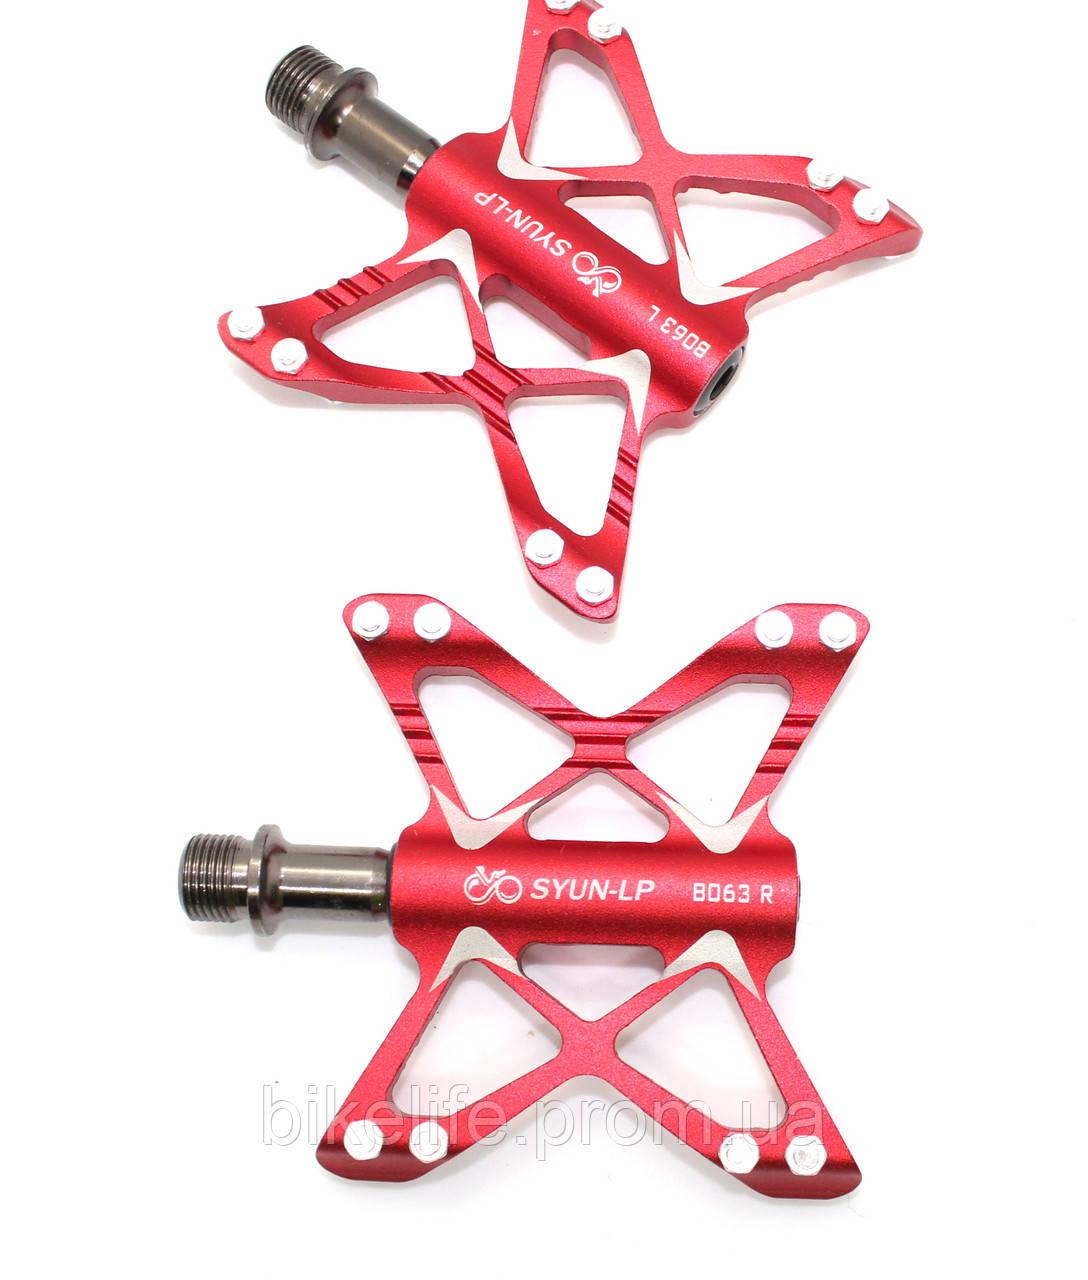 Велосипедные педали на пром подшипниках алюминиевые 081